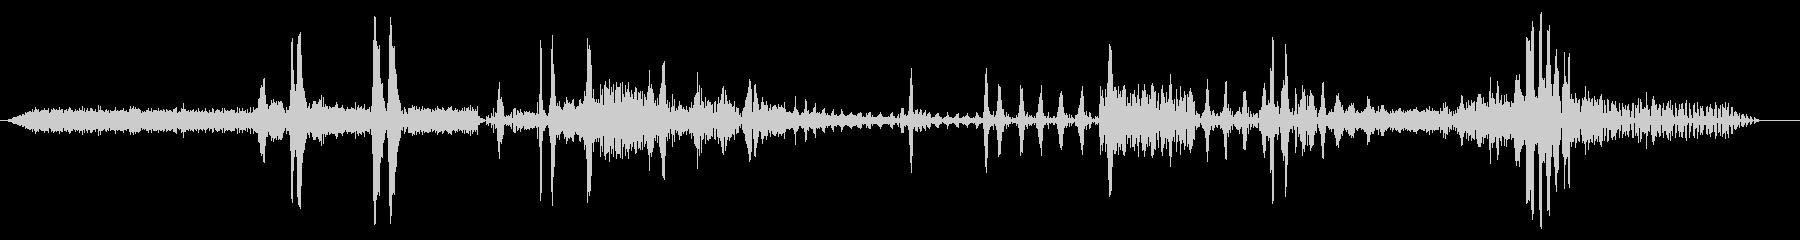 ドラッグボート;スタート/アイドル...の未再生の波形